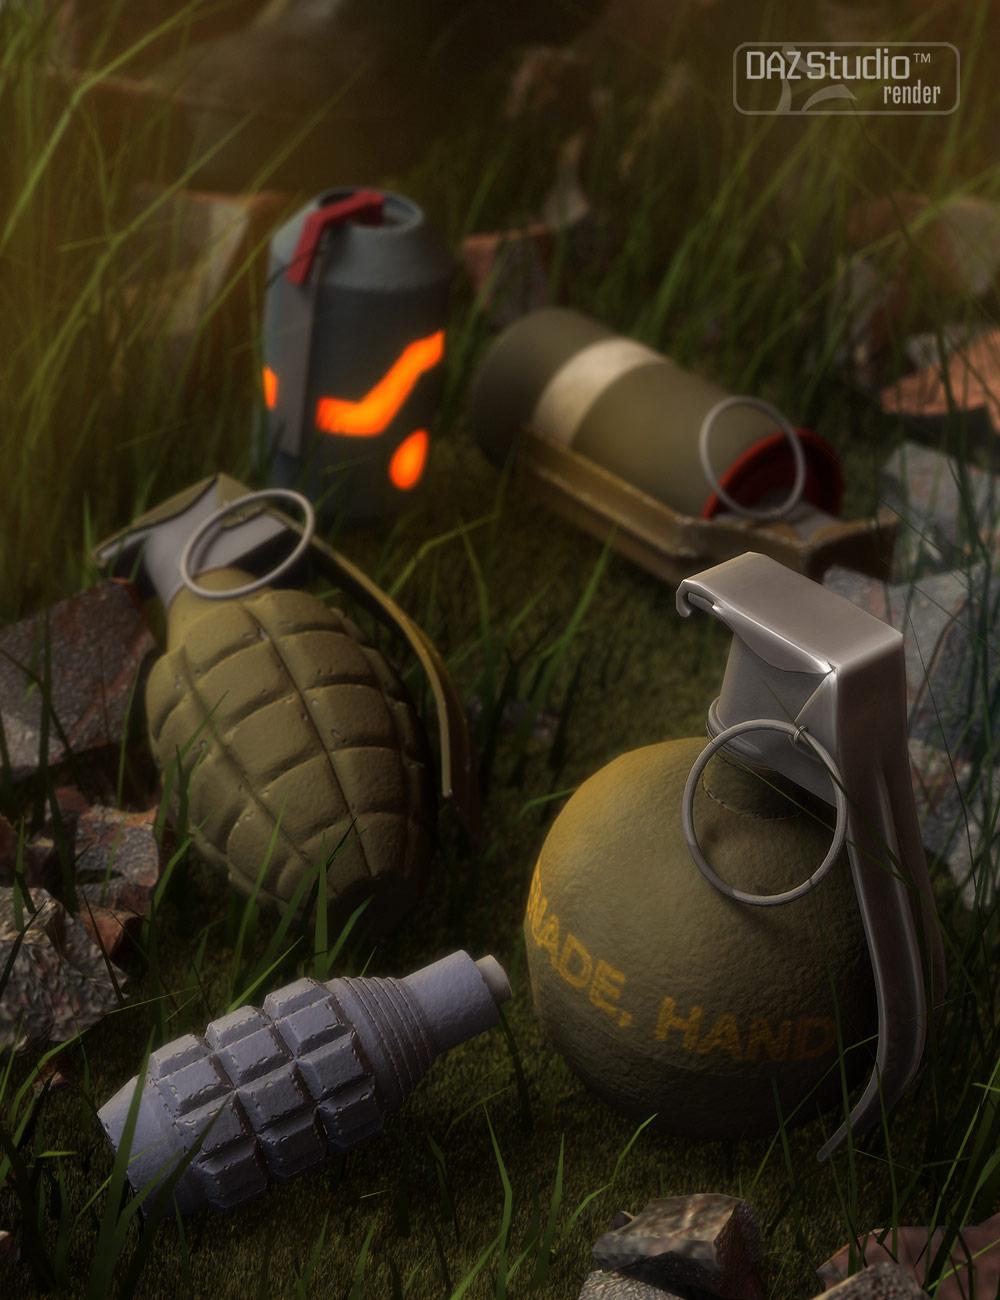 Grenade Bundle by: Valandar, 3D Models by Daz 3D